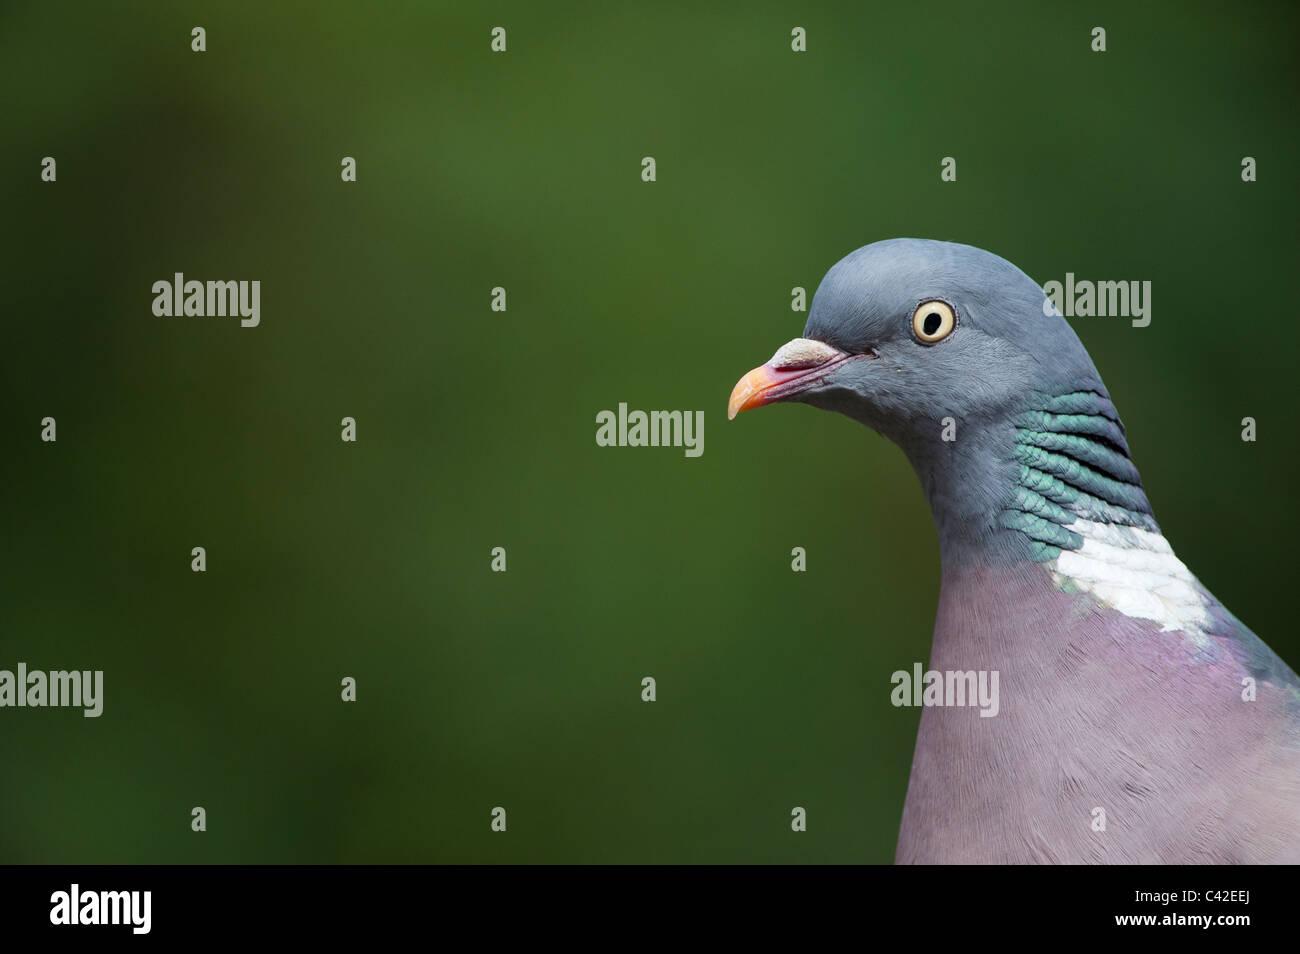 Columba palumbus. Wood pigeon head close up. UK - Stock Image